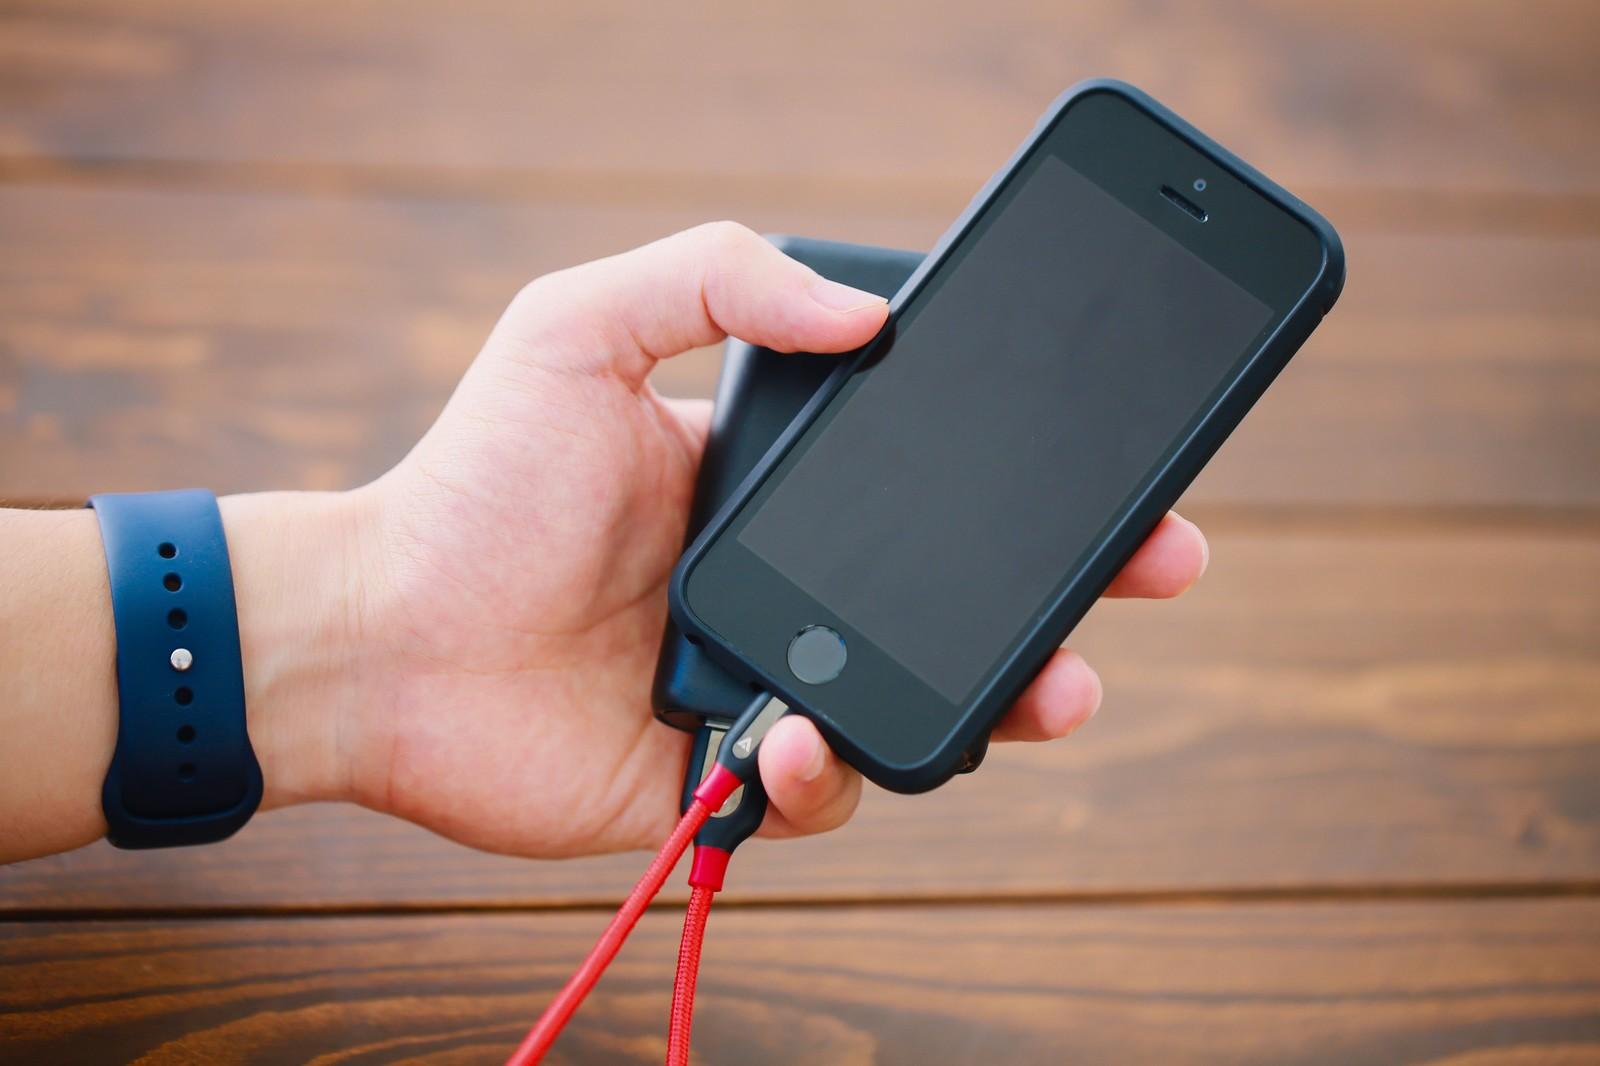 iPhoneが充電切れからすぐに起動しない、遅い!早くする方法はないの!?